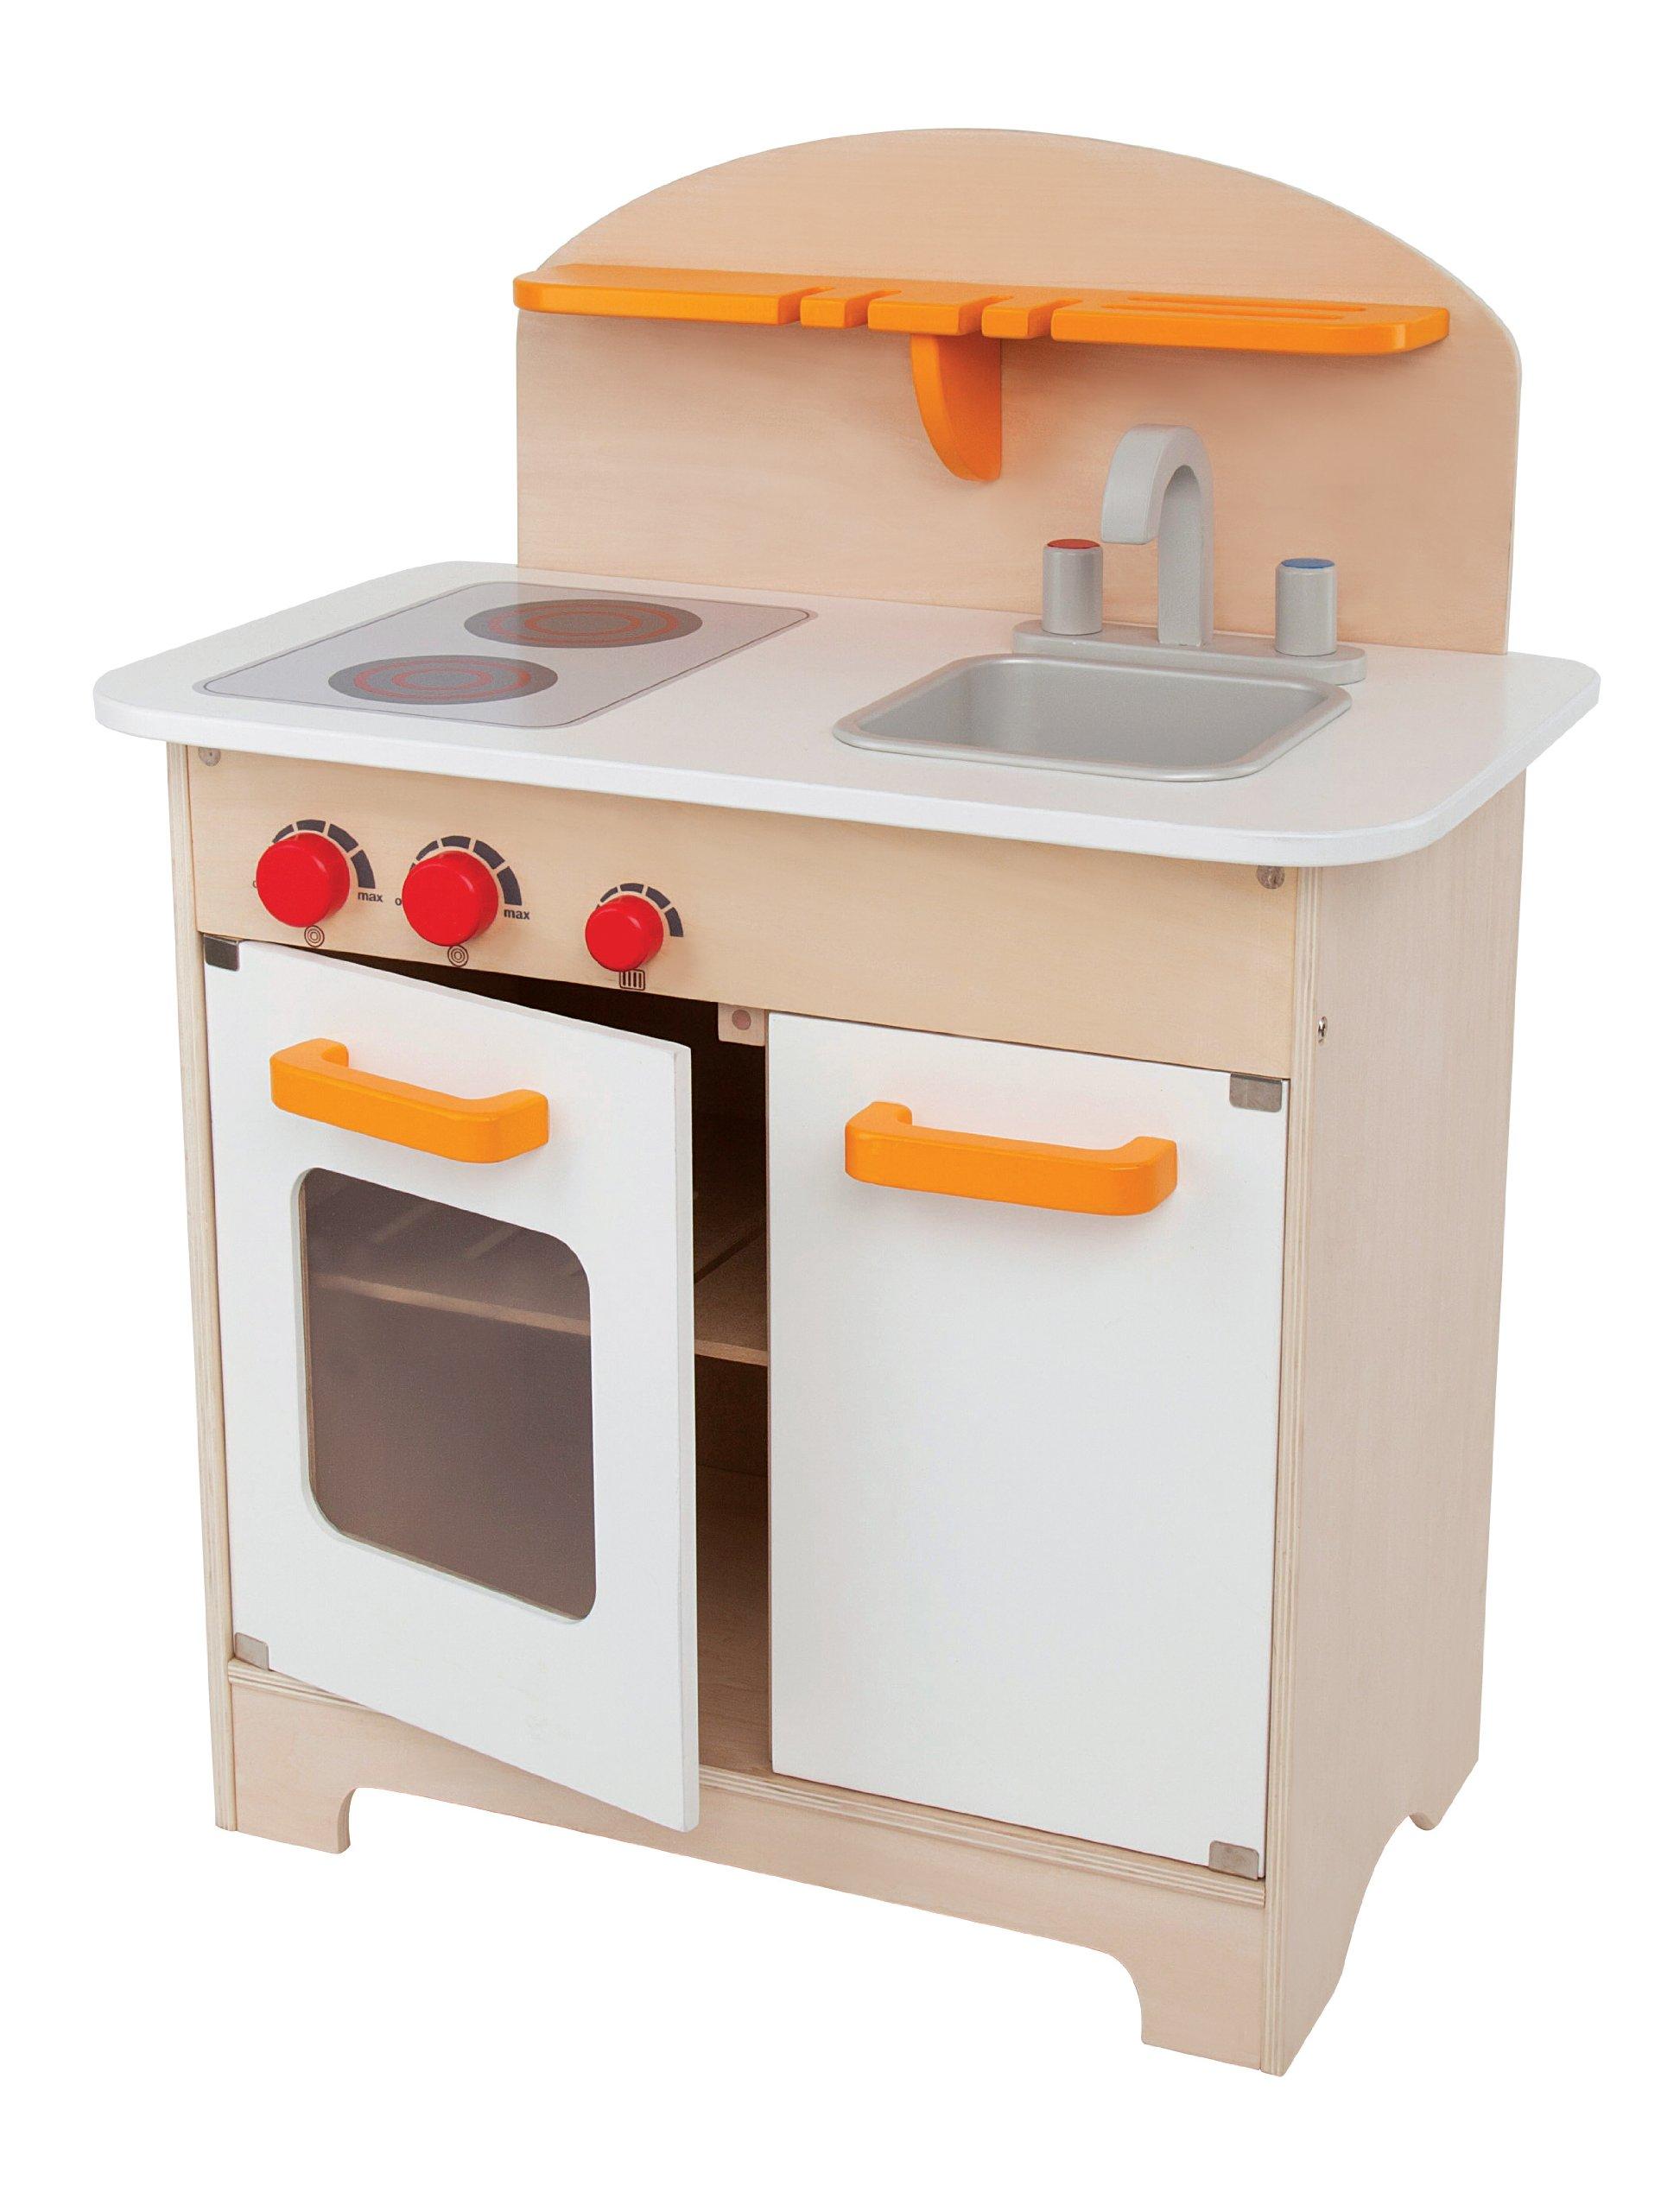 Hape Gourmet Kitchen Kid's Wooden Play Kitchen in White